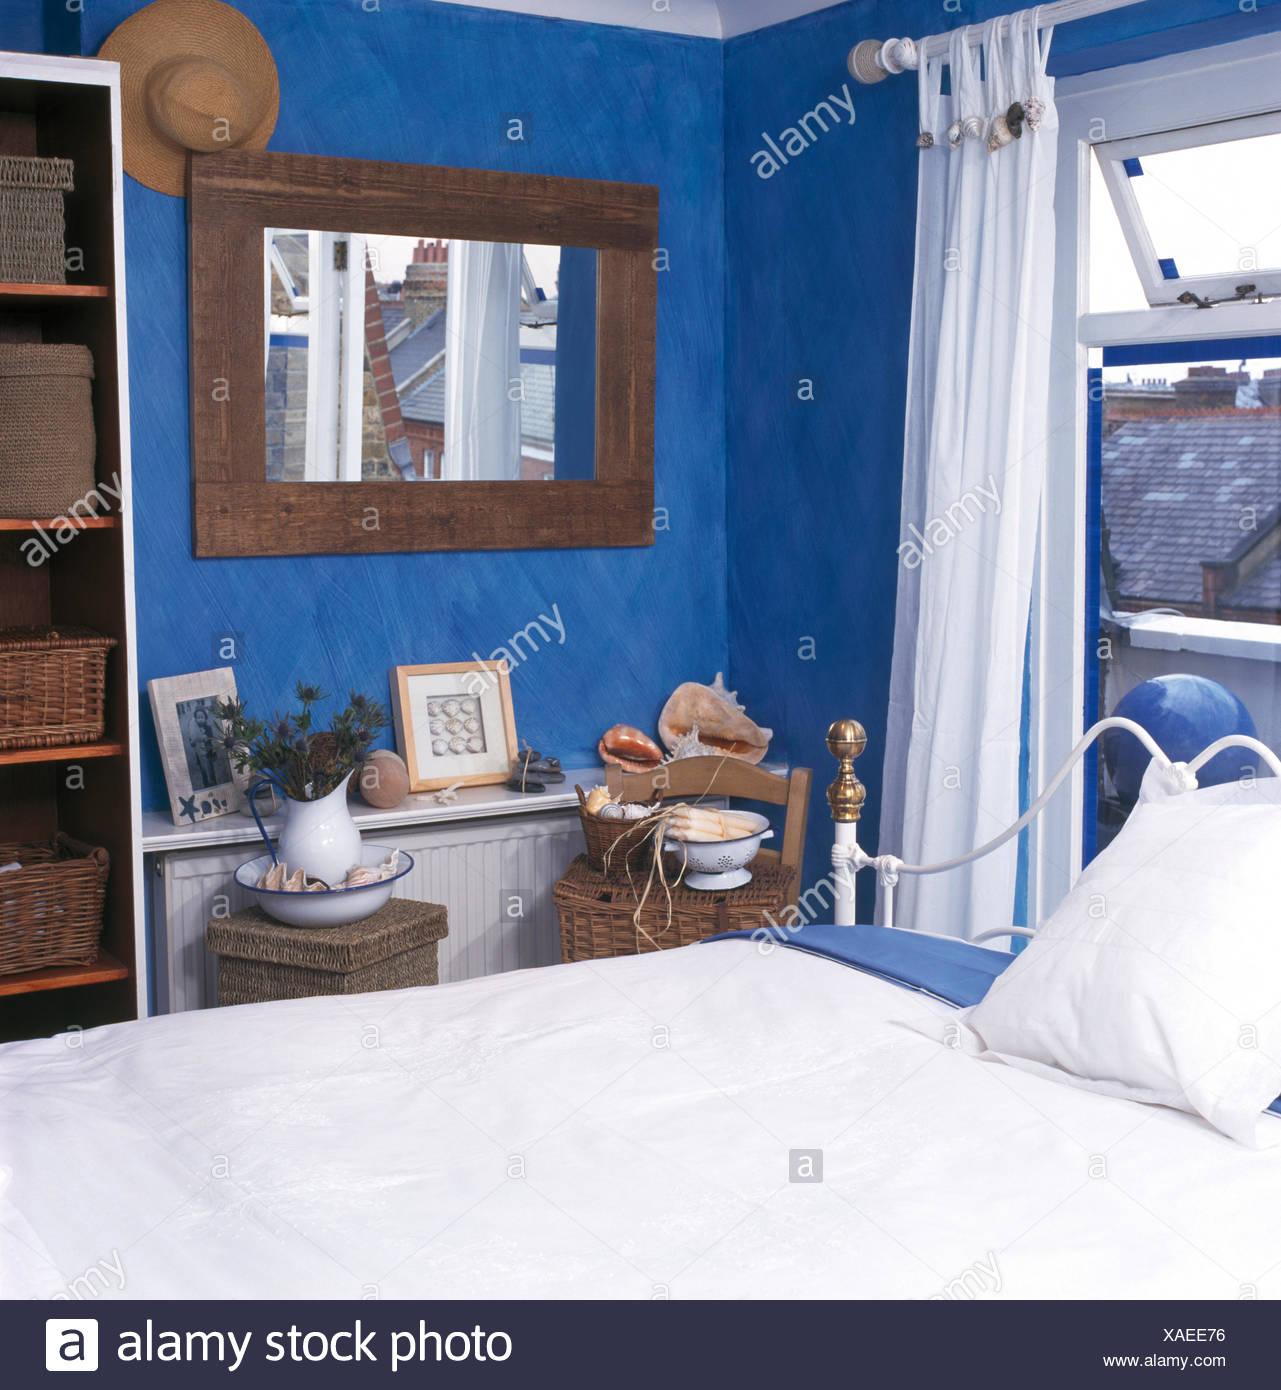 Holz Spiegel Im Schlafzimmer Hell Blauen Wirtschaft Stockfoto Bild